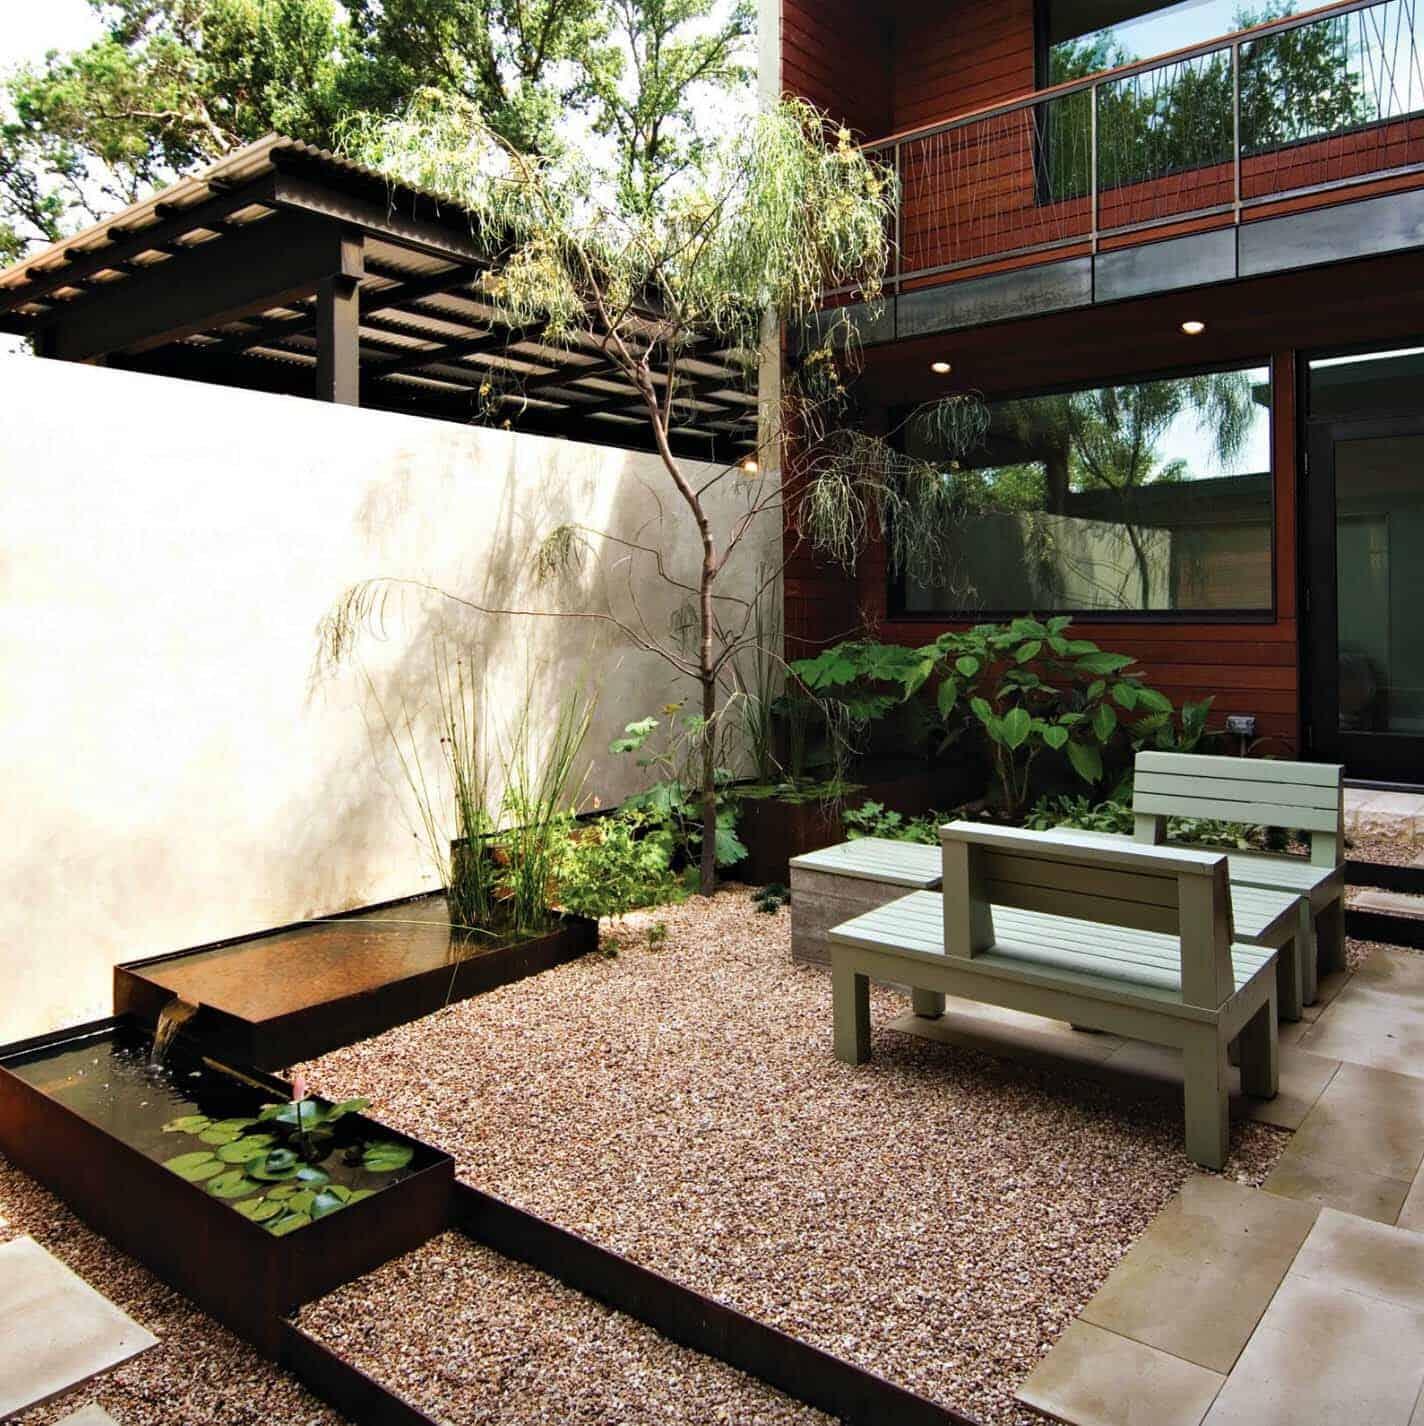 Inspiring-Outdoor-Garden-Fountains-12-1-Kindesign